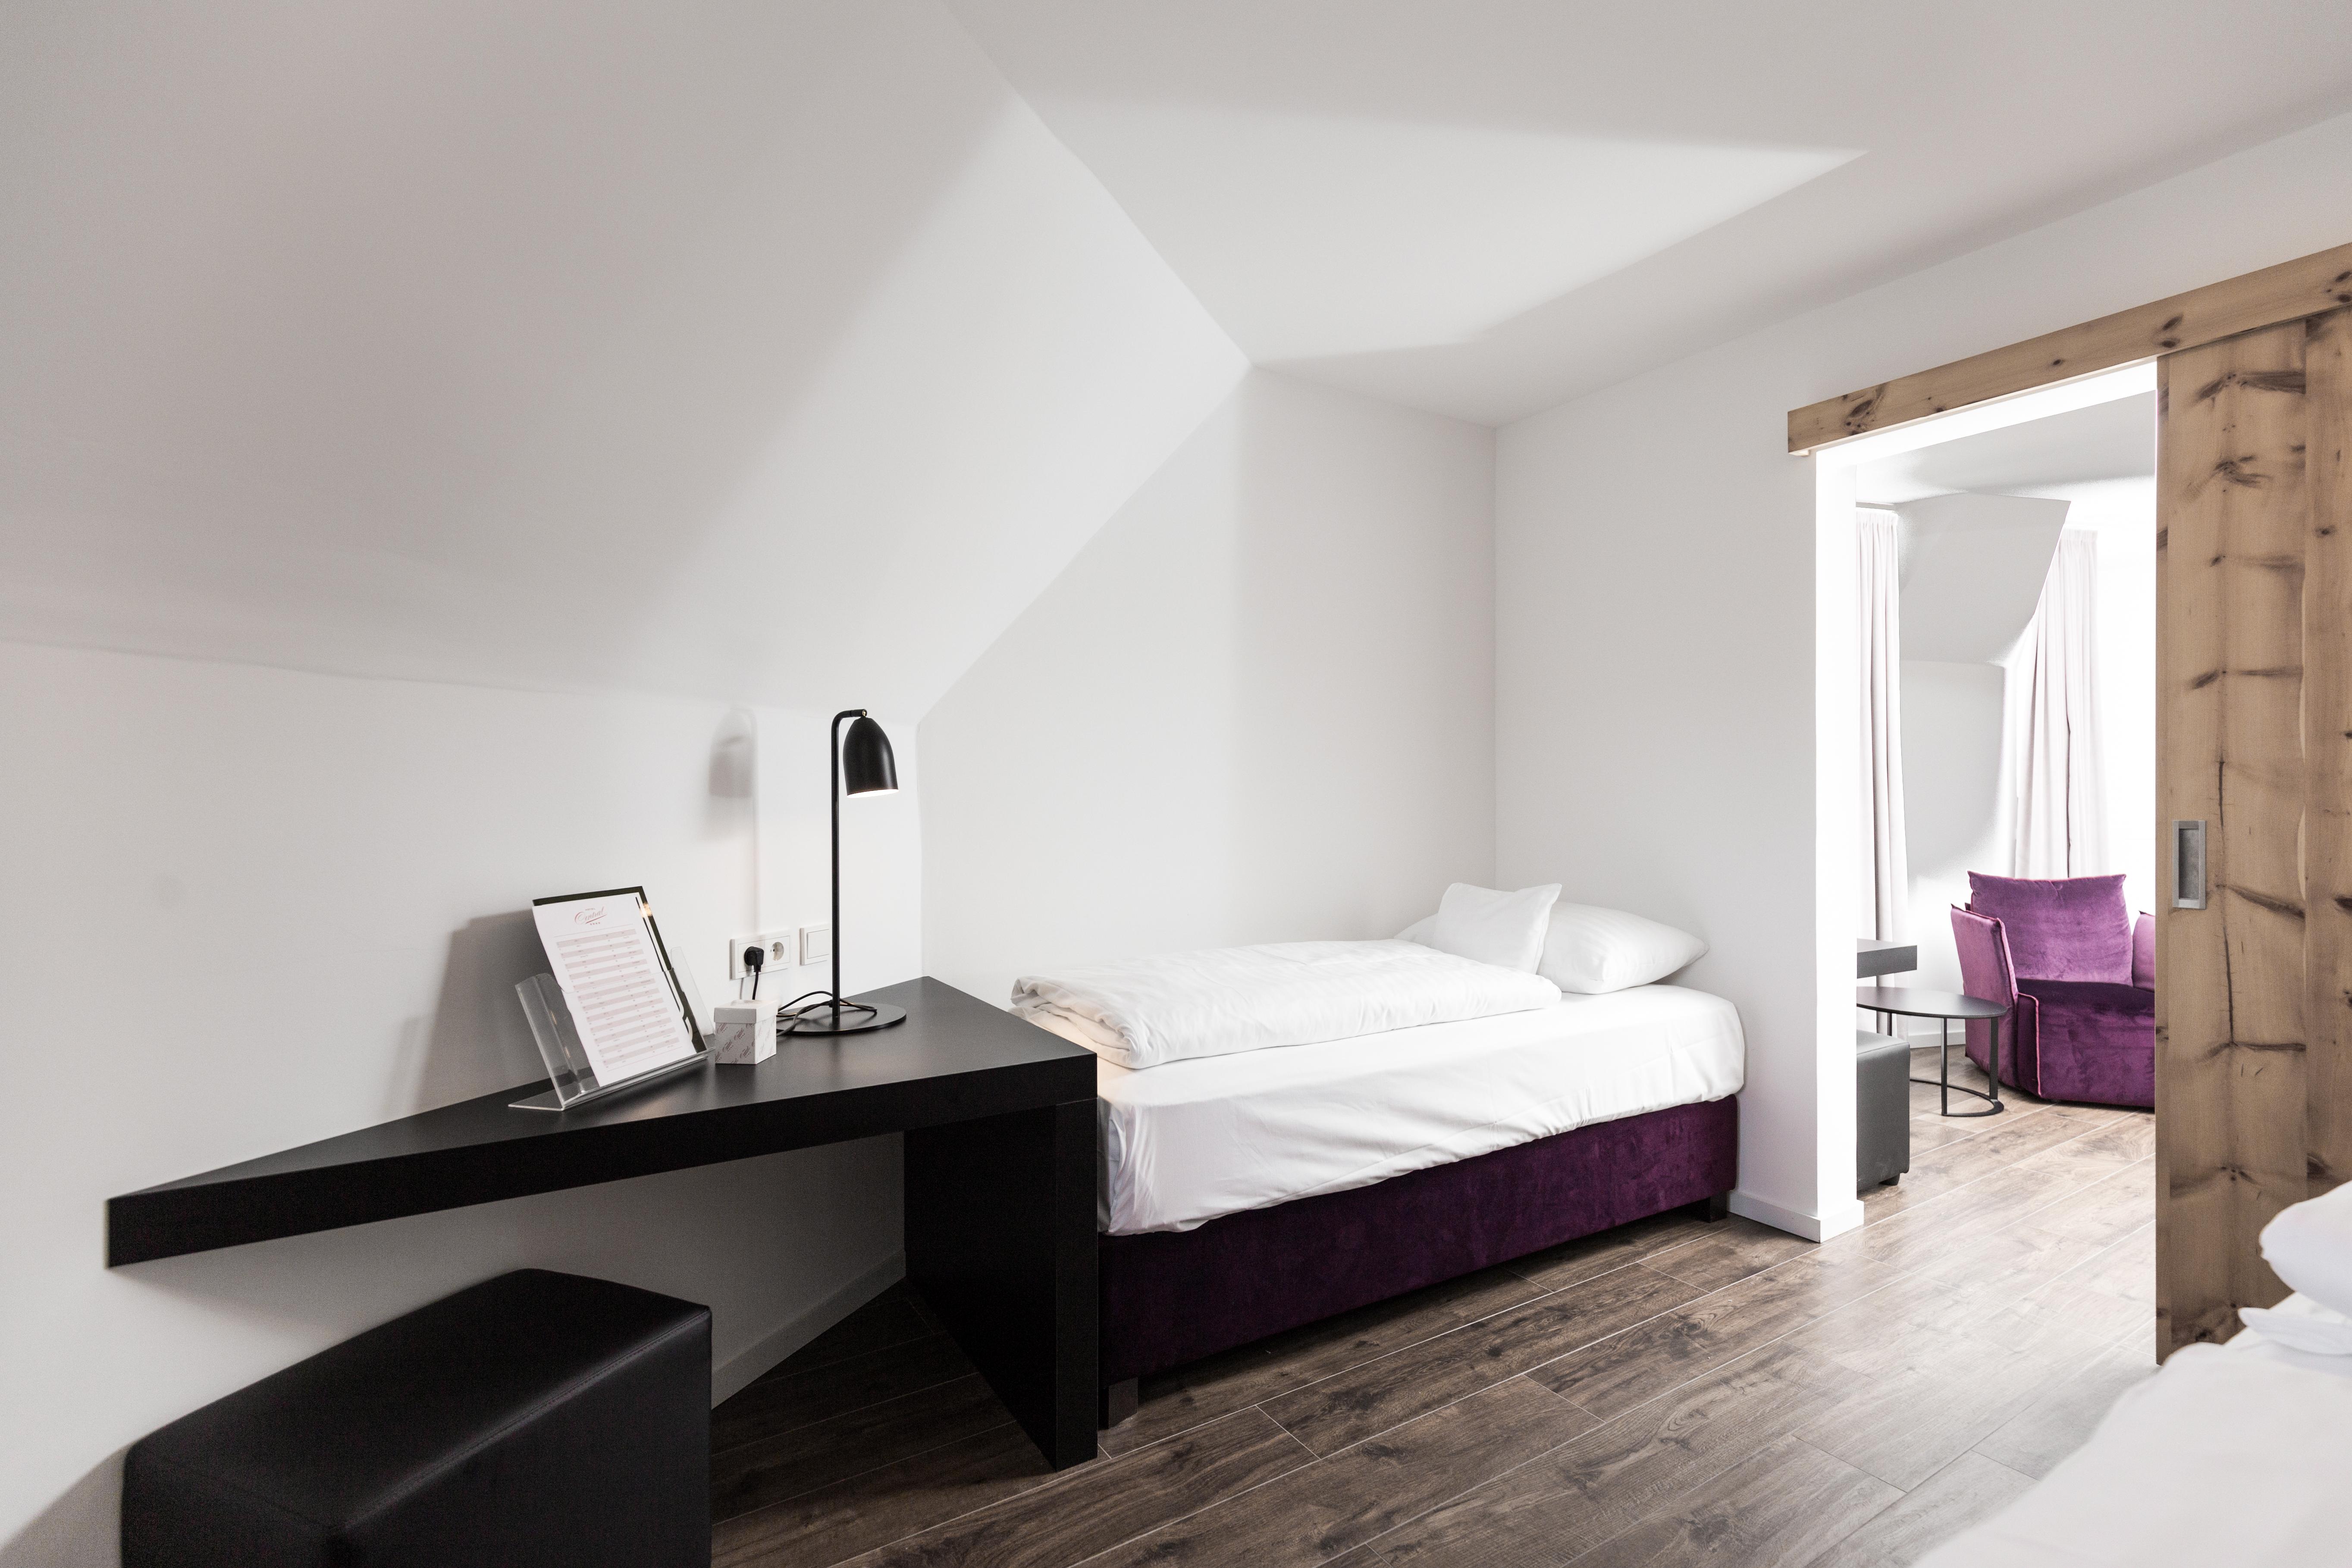 hotel central | roeck architekten